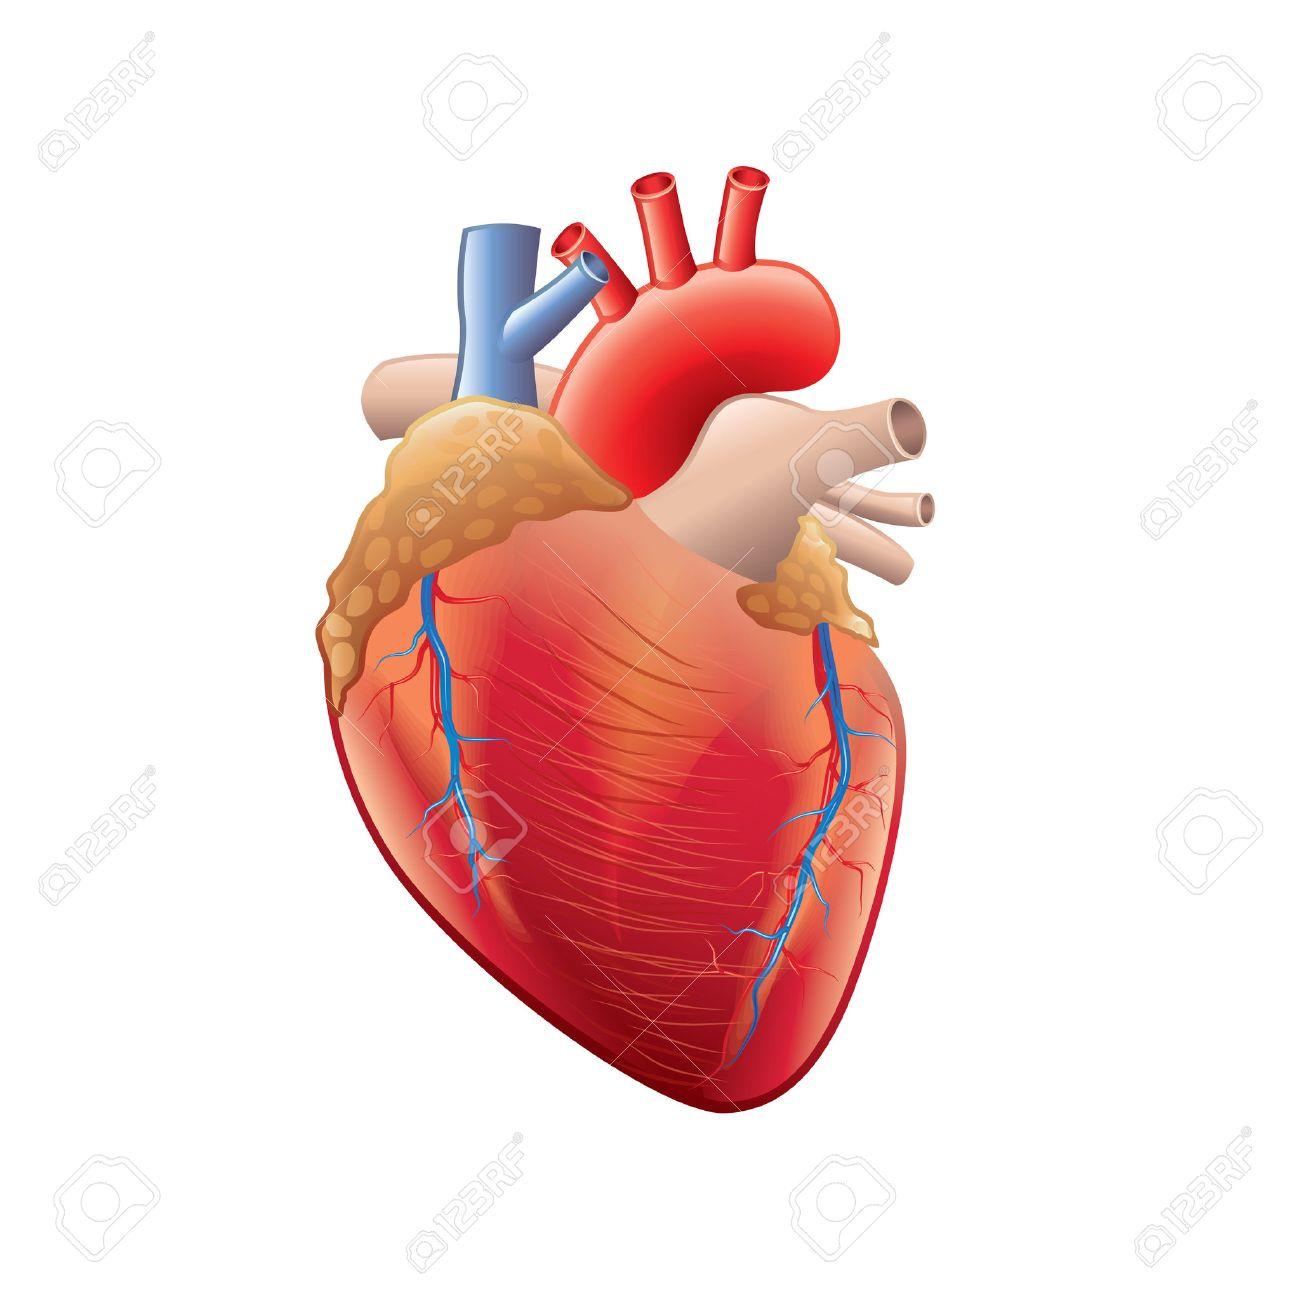 Anatomía Del Corazón Humano Aislado En Blanco Fotorrealista ...